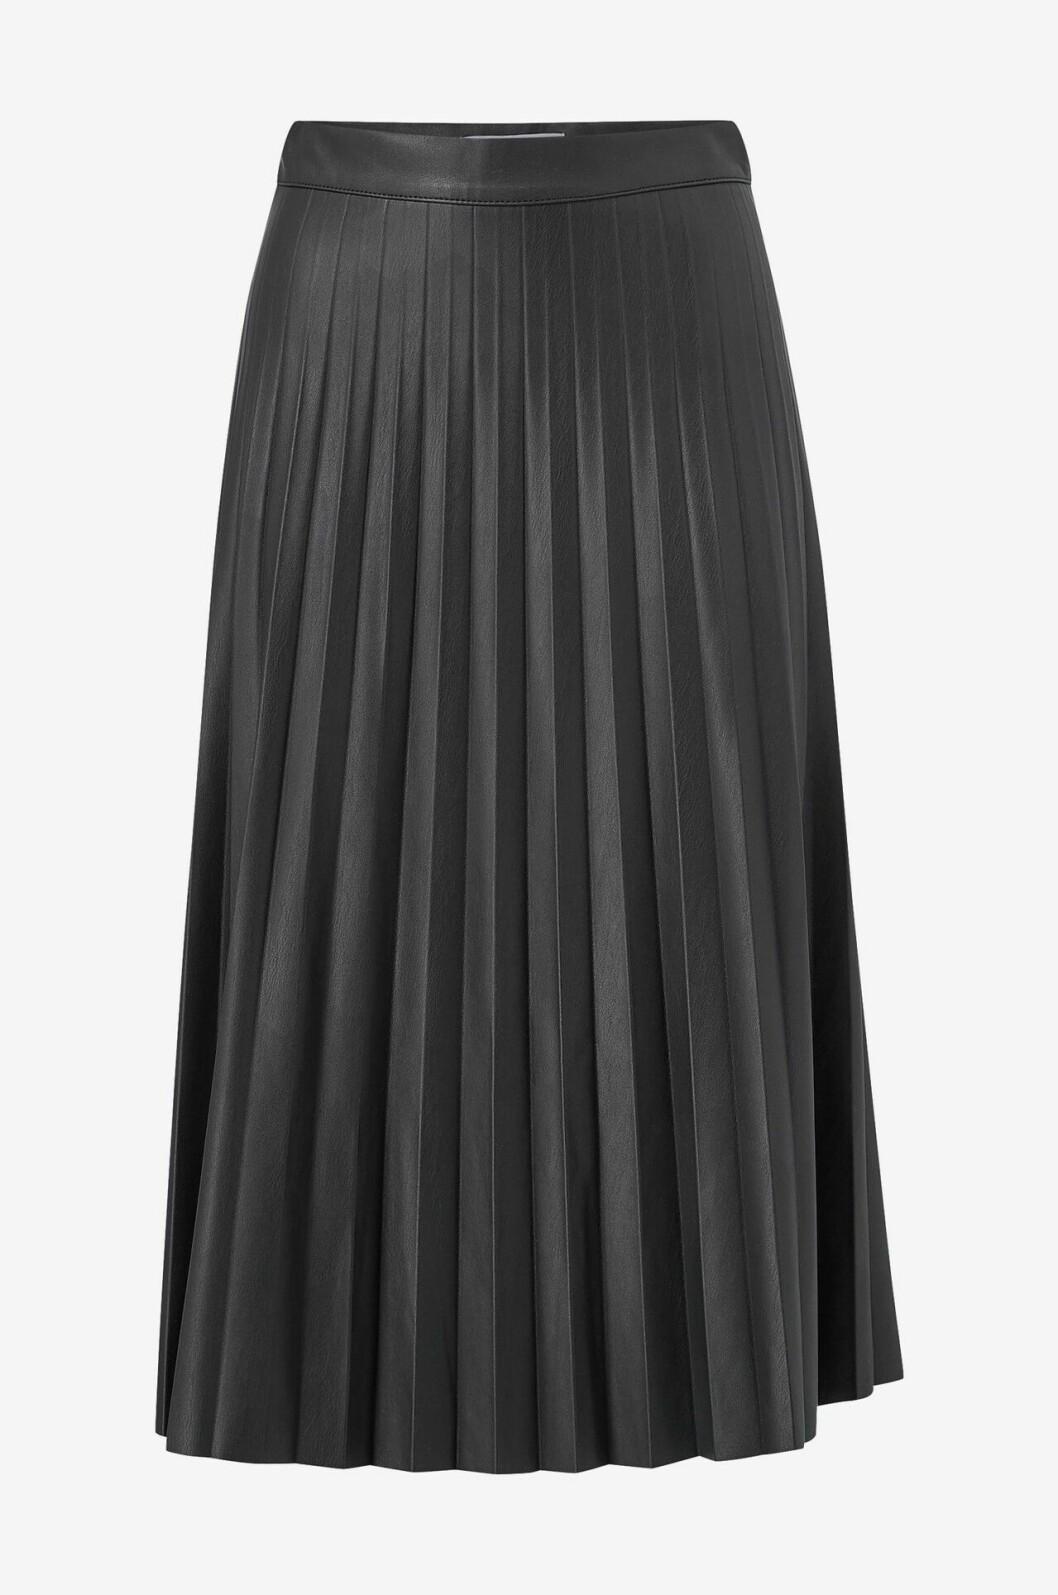 Svart plisserad kjol i skinn för dam till hösten 2019